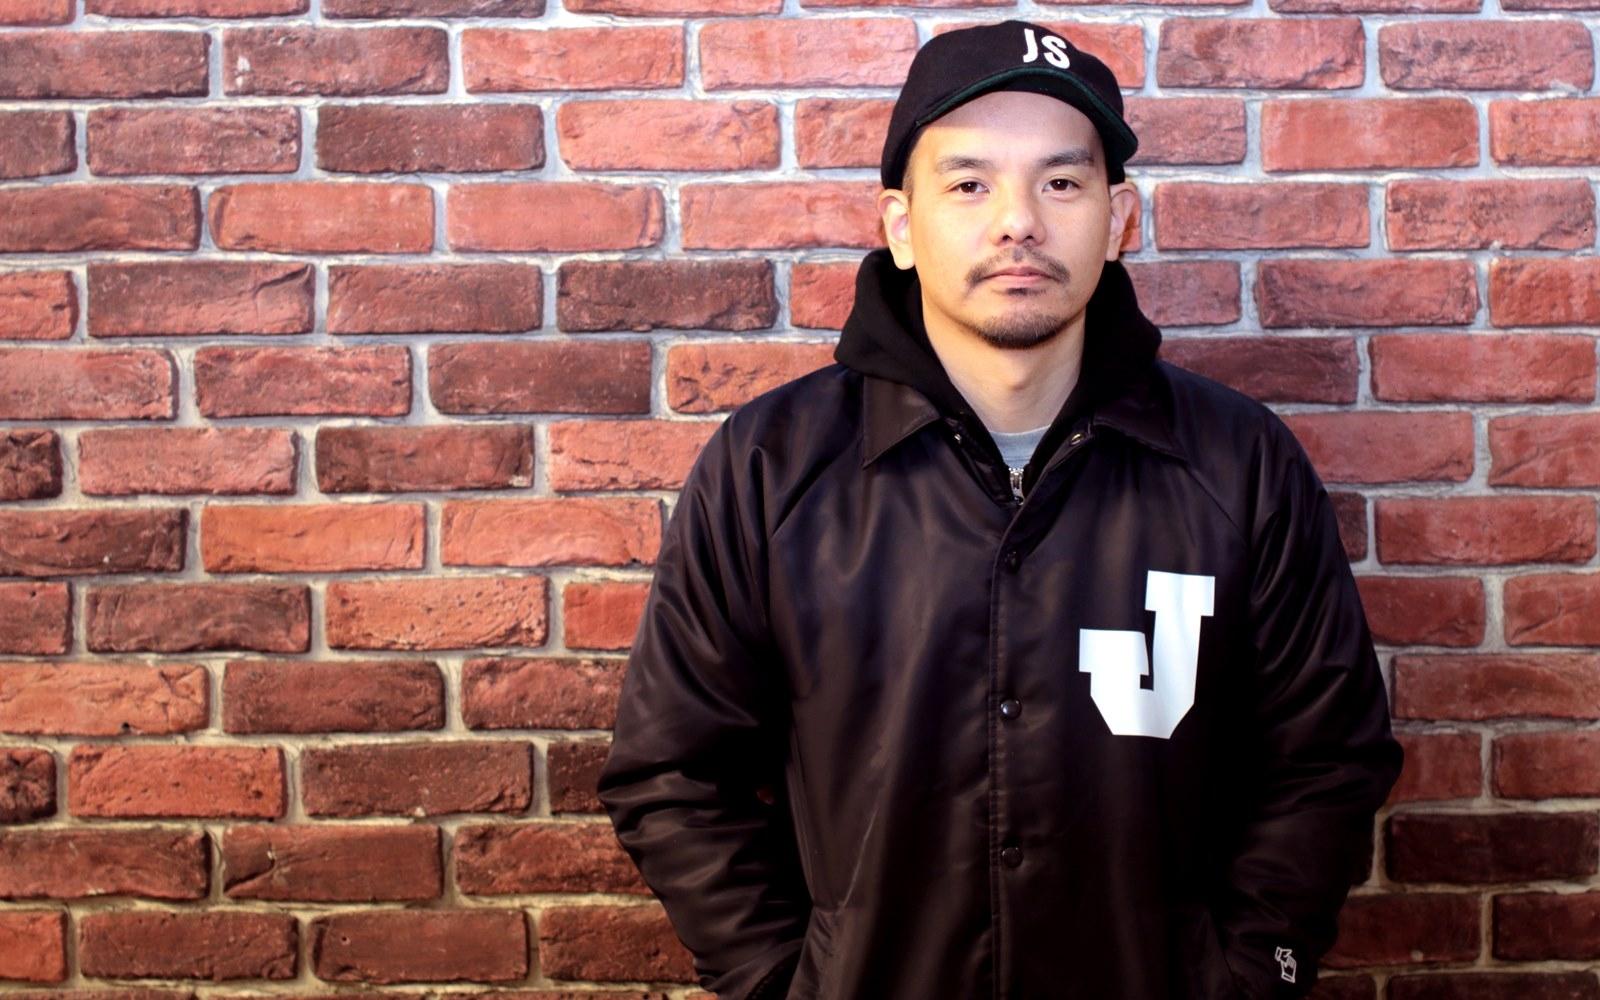 【DJ Mitsu the Beats】テーマはフェンダー・ローズ 激変する生活のなかで生まれたビート作品 | ARBAN